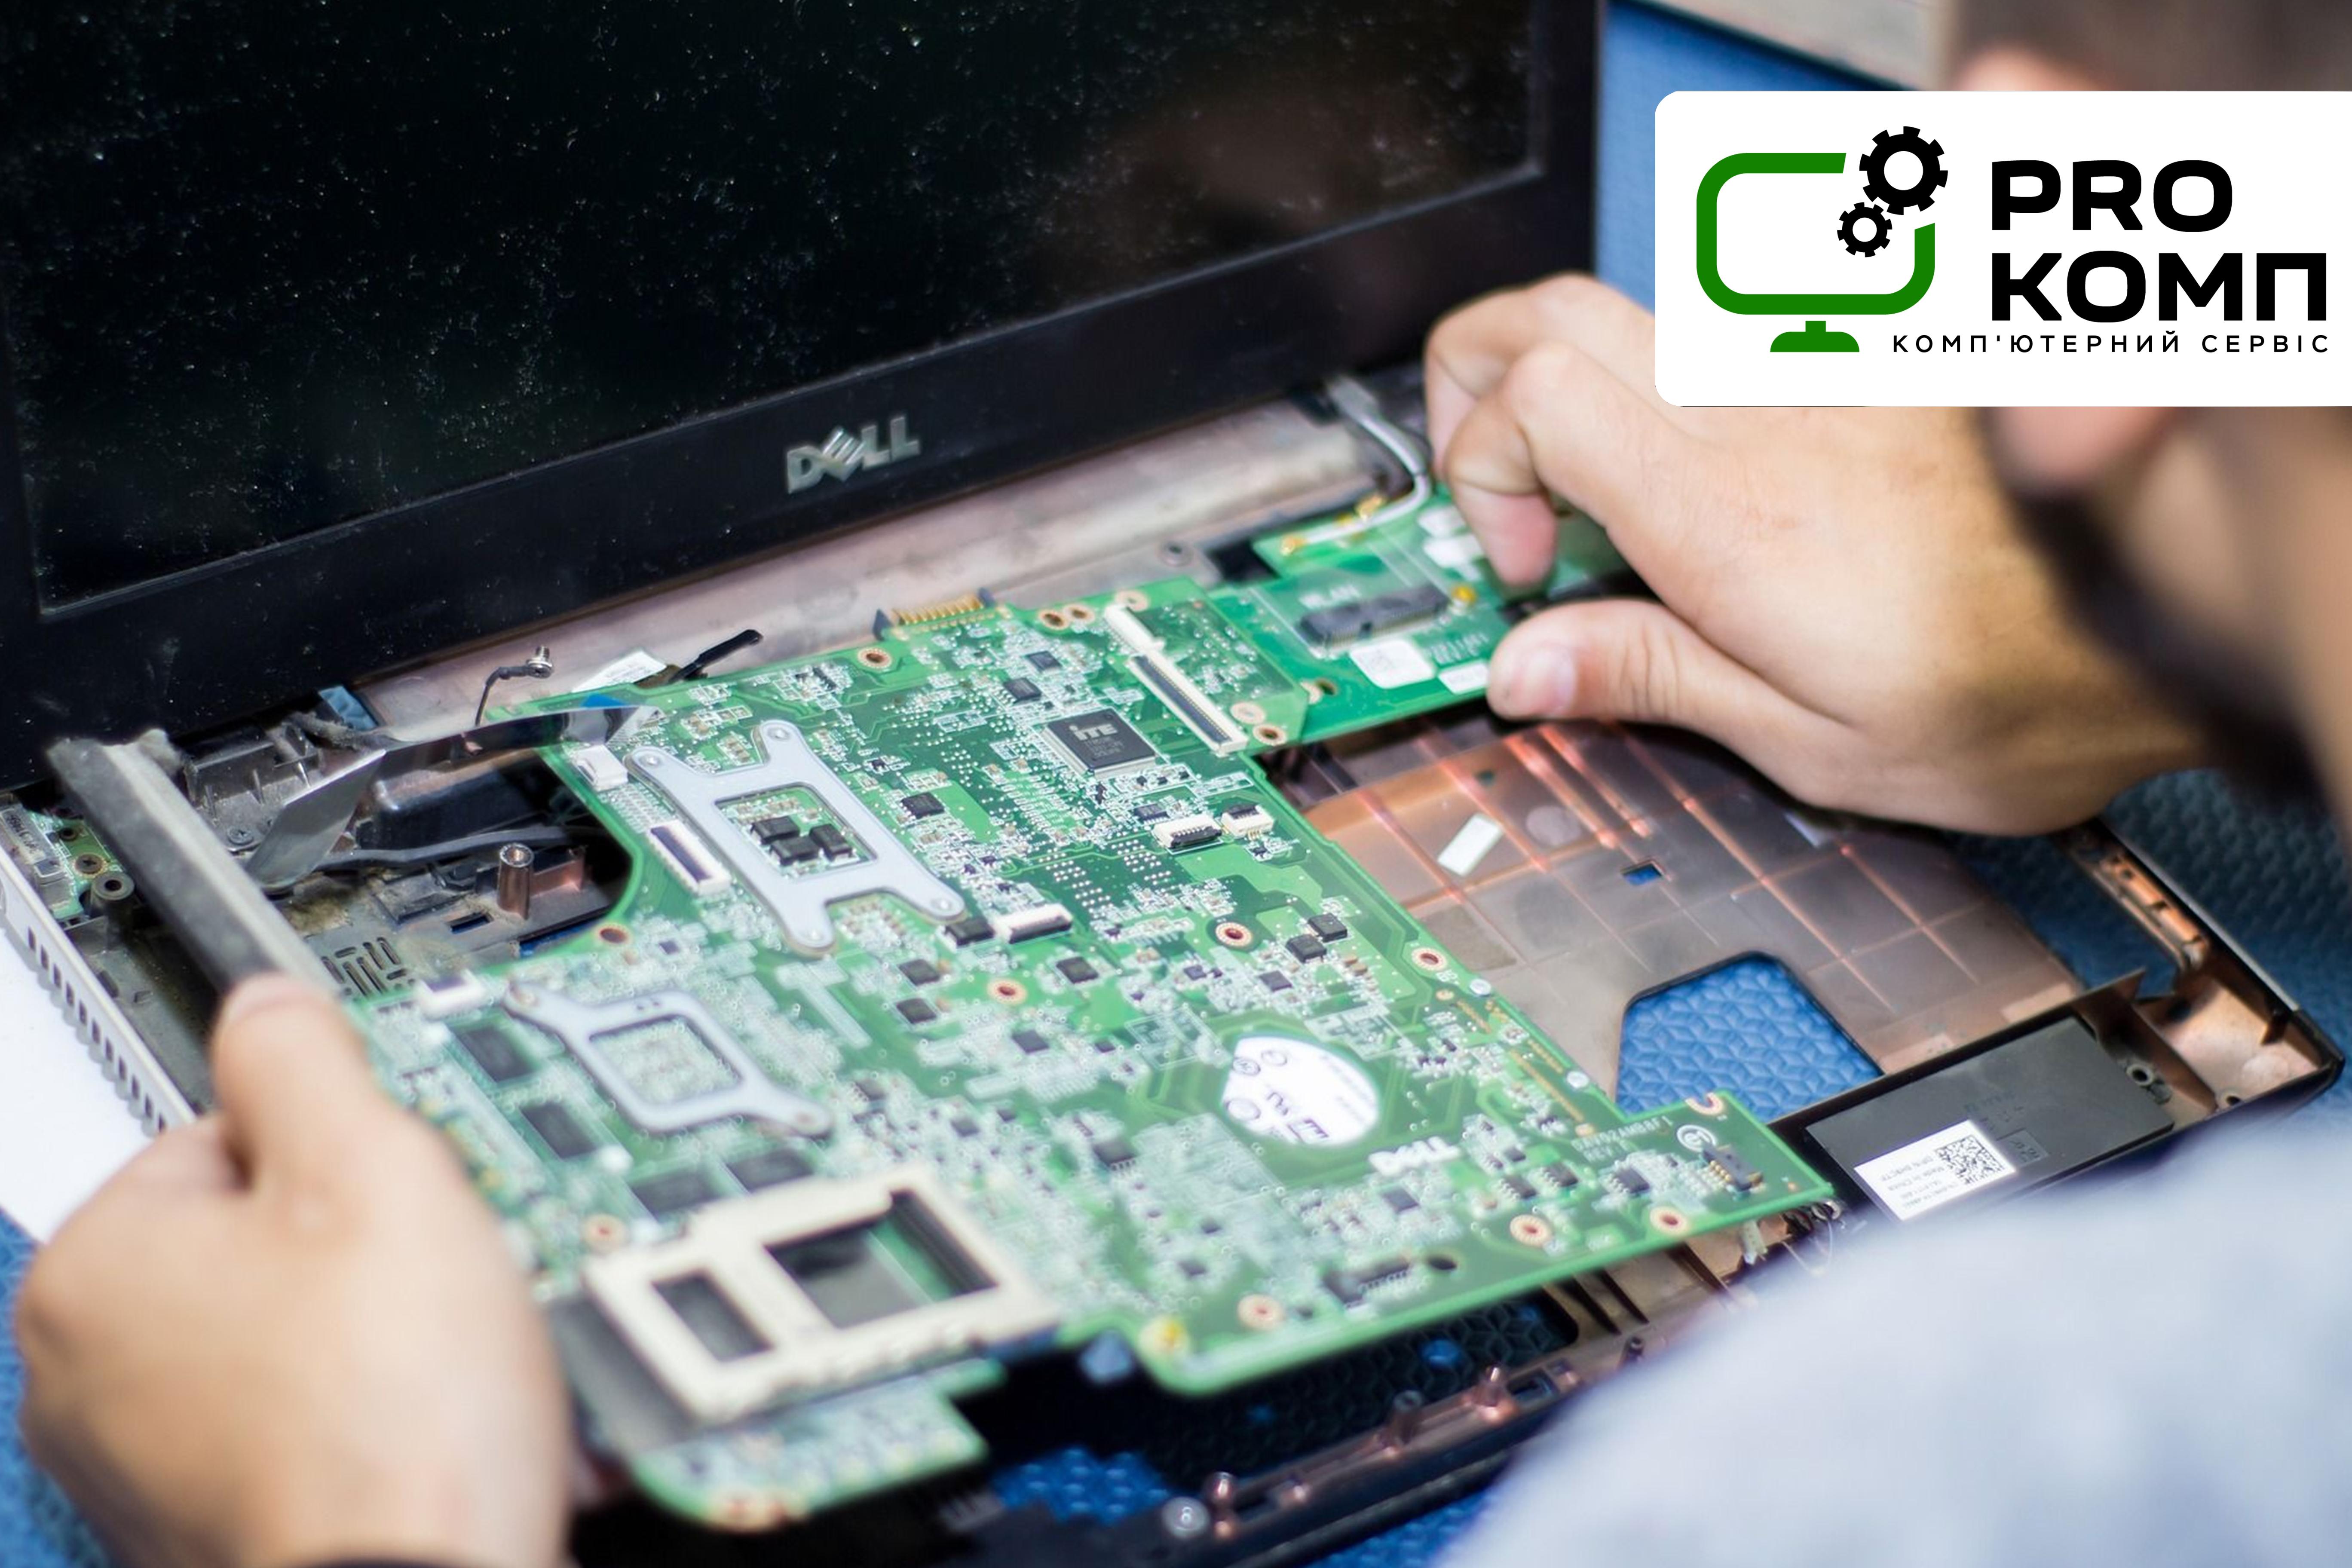 Ремонт ноутбуків у сервісному центрі (Івано-Франківськ) своїми руками- Прокомп